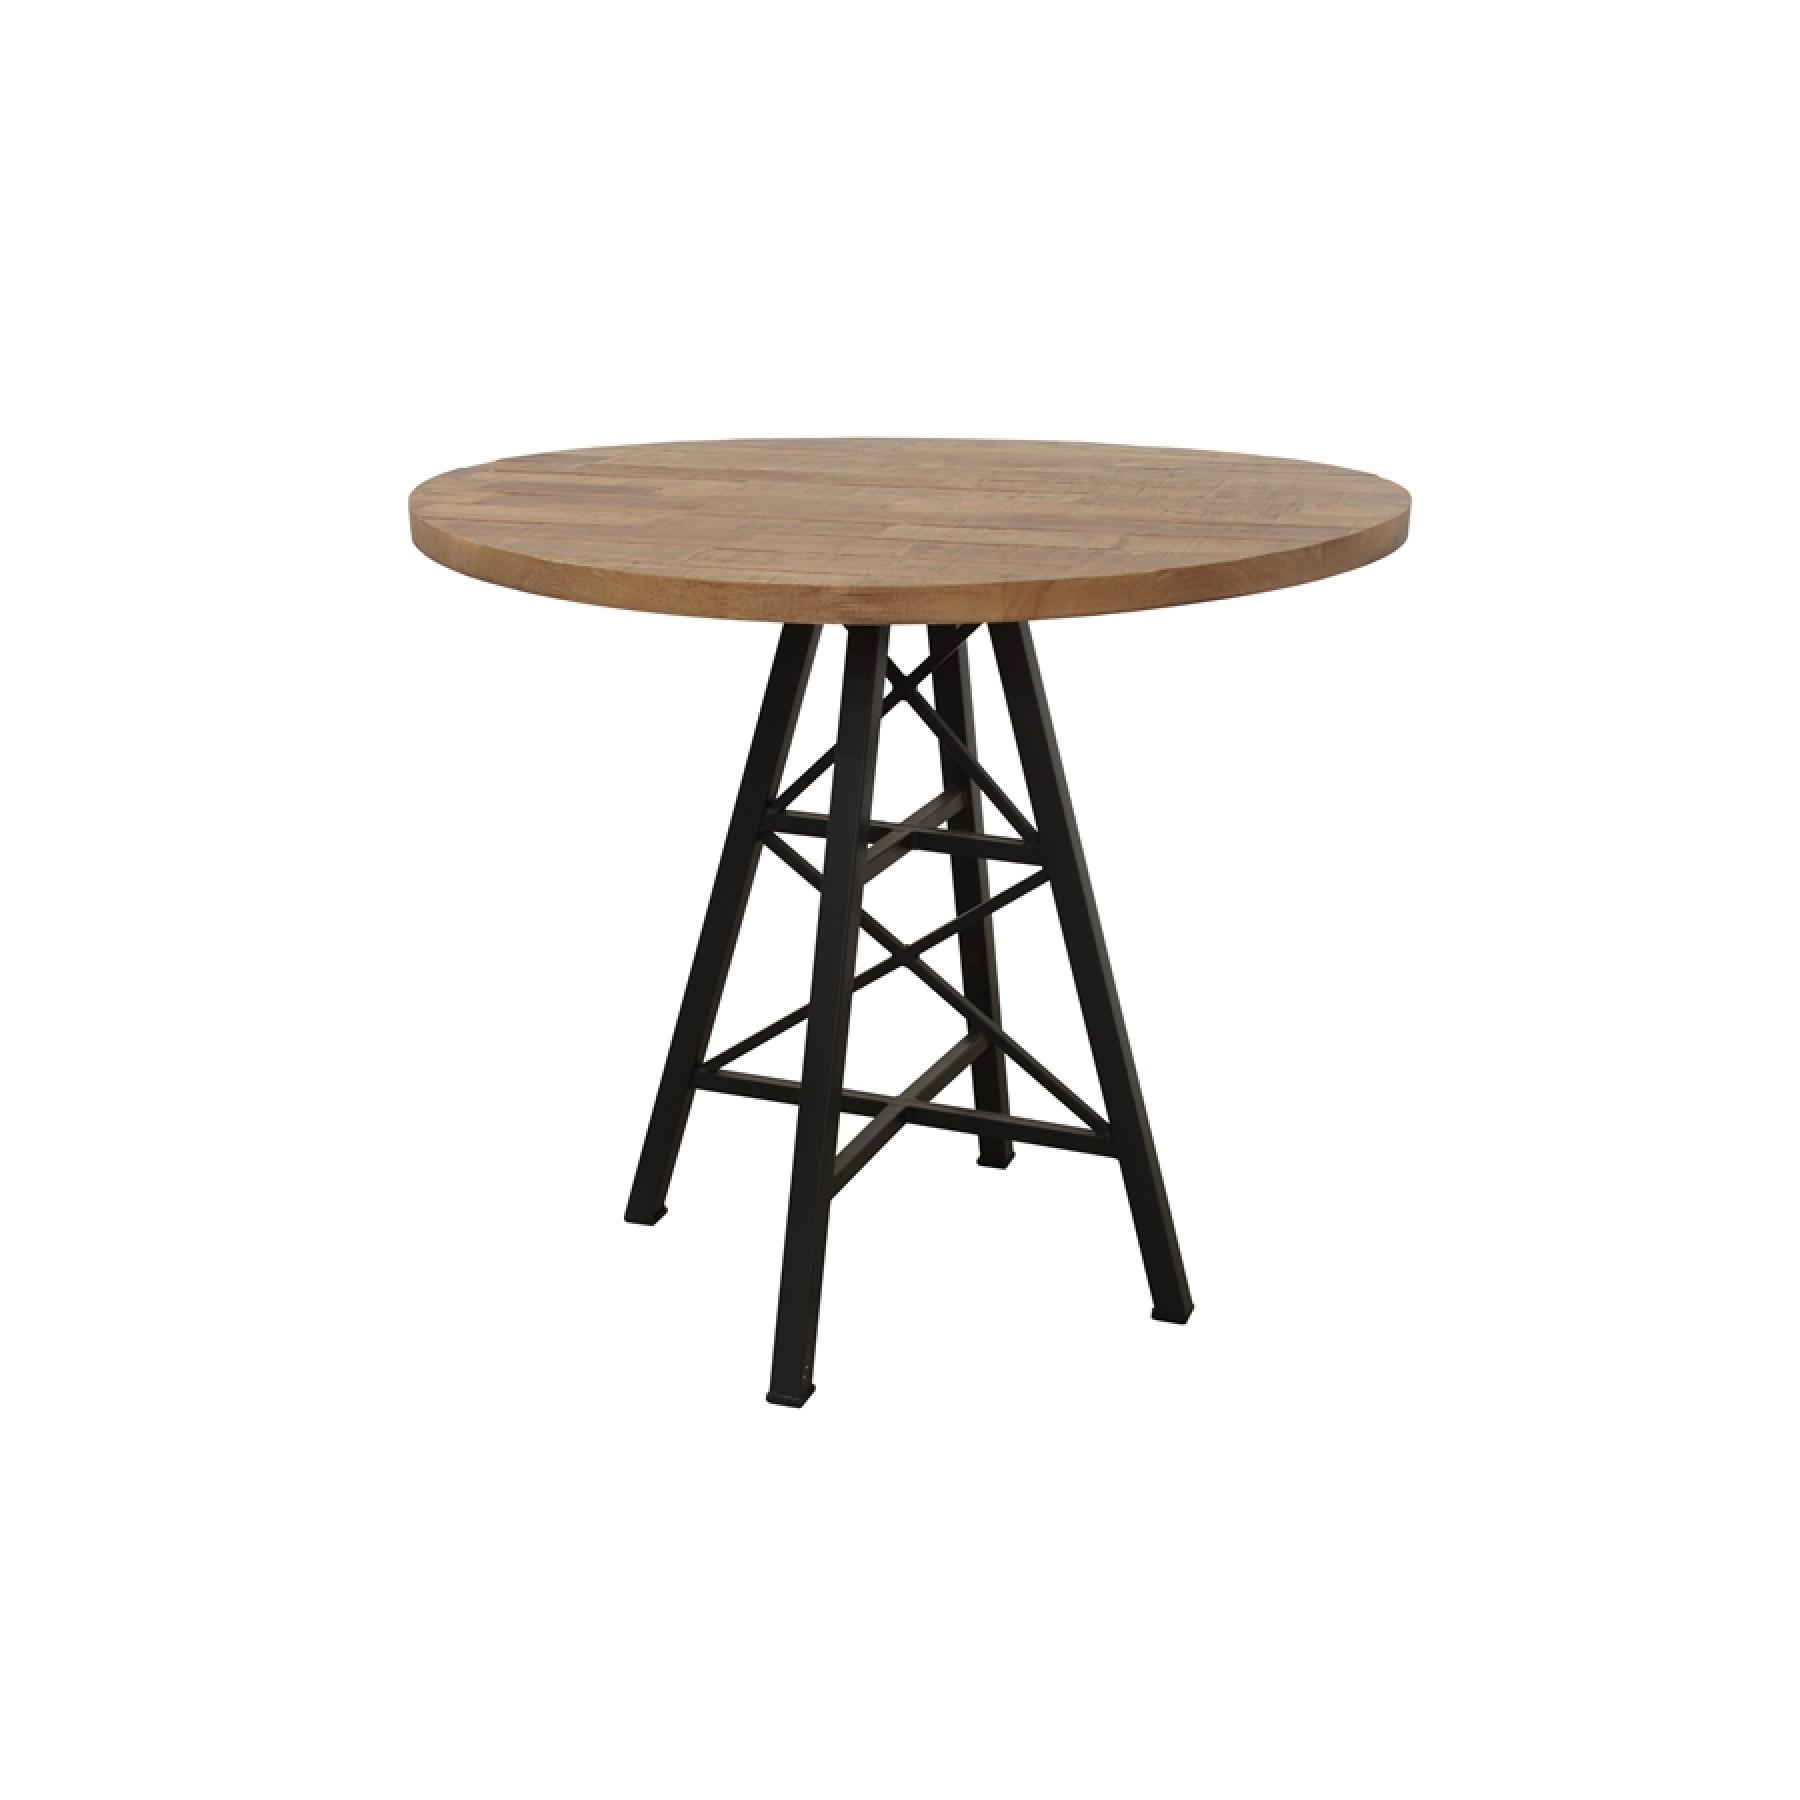 Table Bois Ronde De Bar Pied Metal Eiffel Finition Naturelle Par